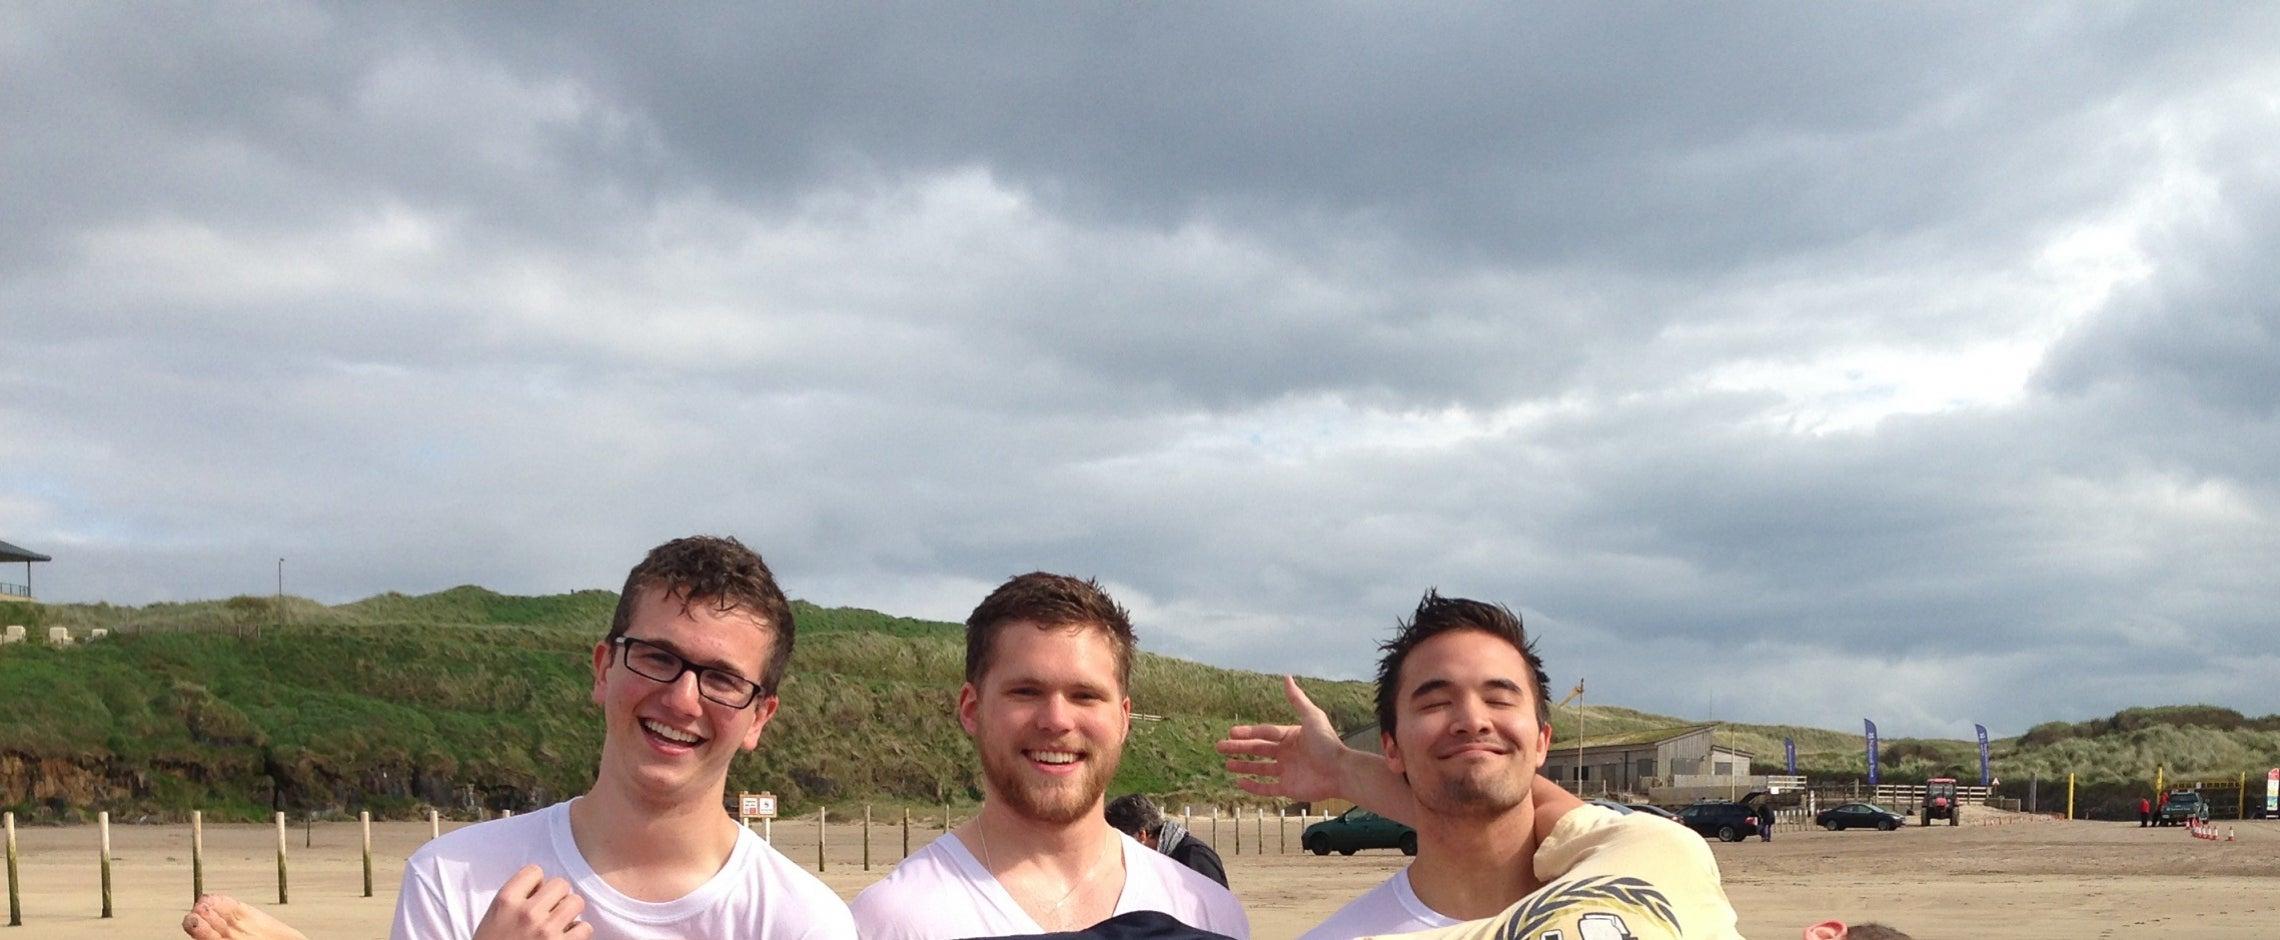 Students on Beach in Ireland